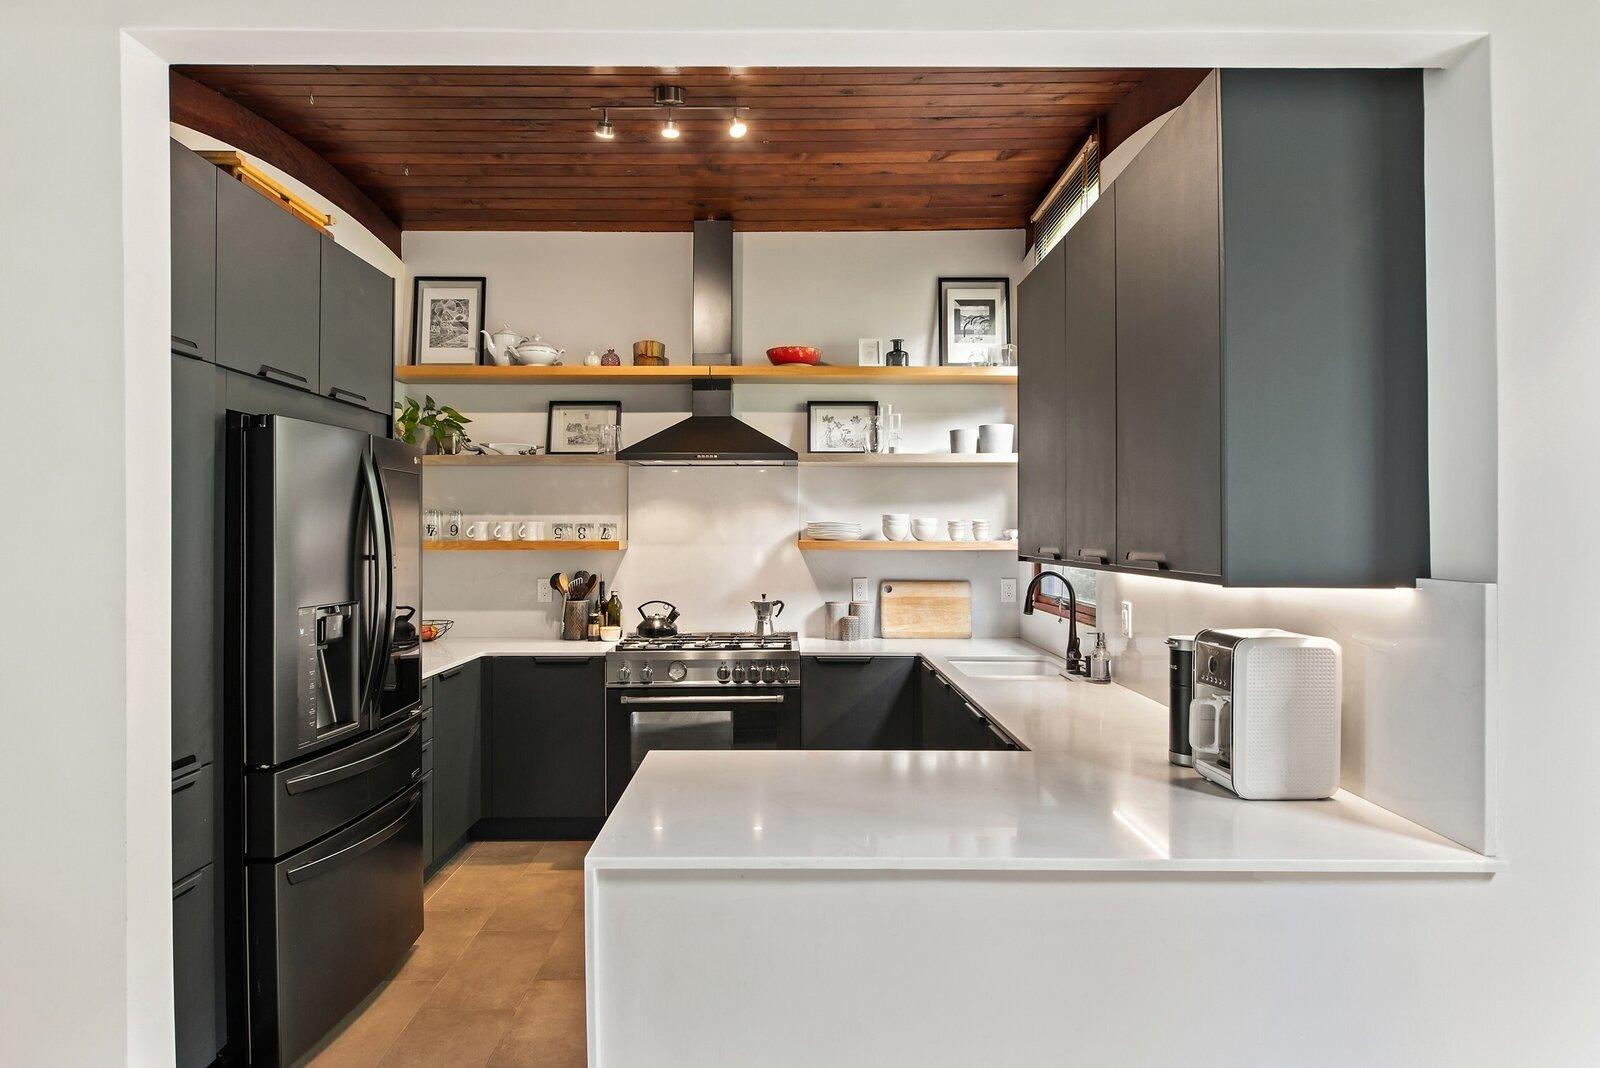 Ferdinand Gottlieb Residence kitchen